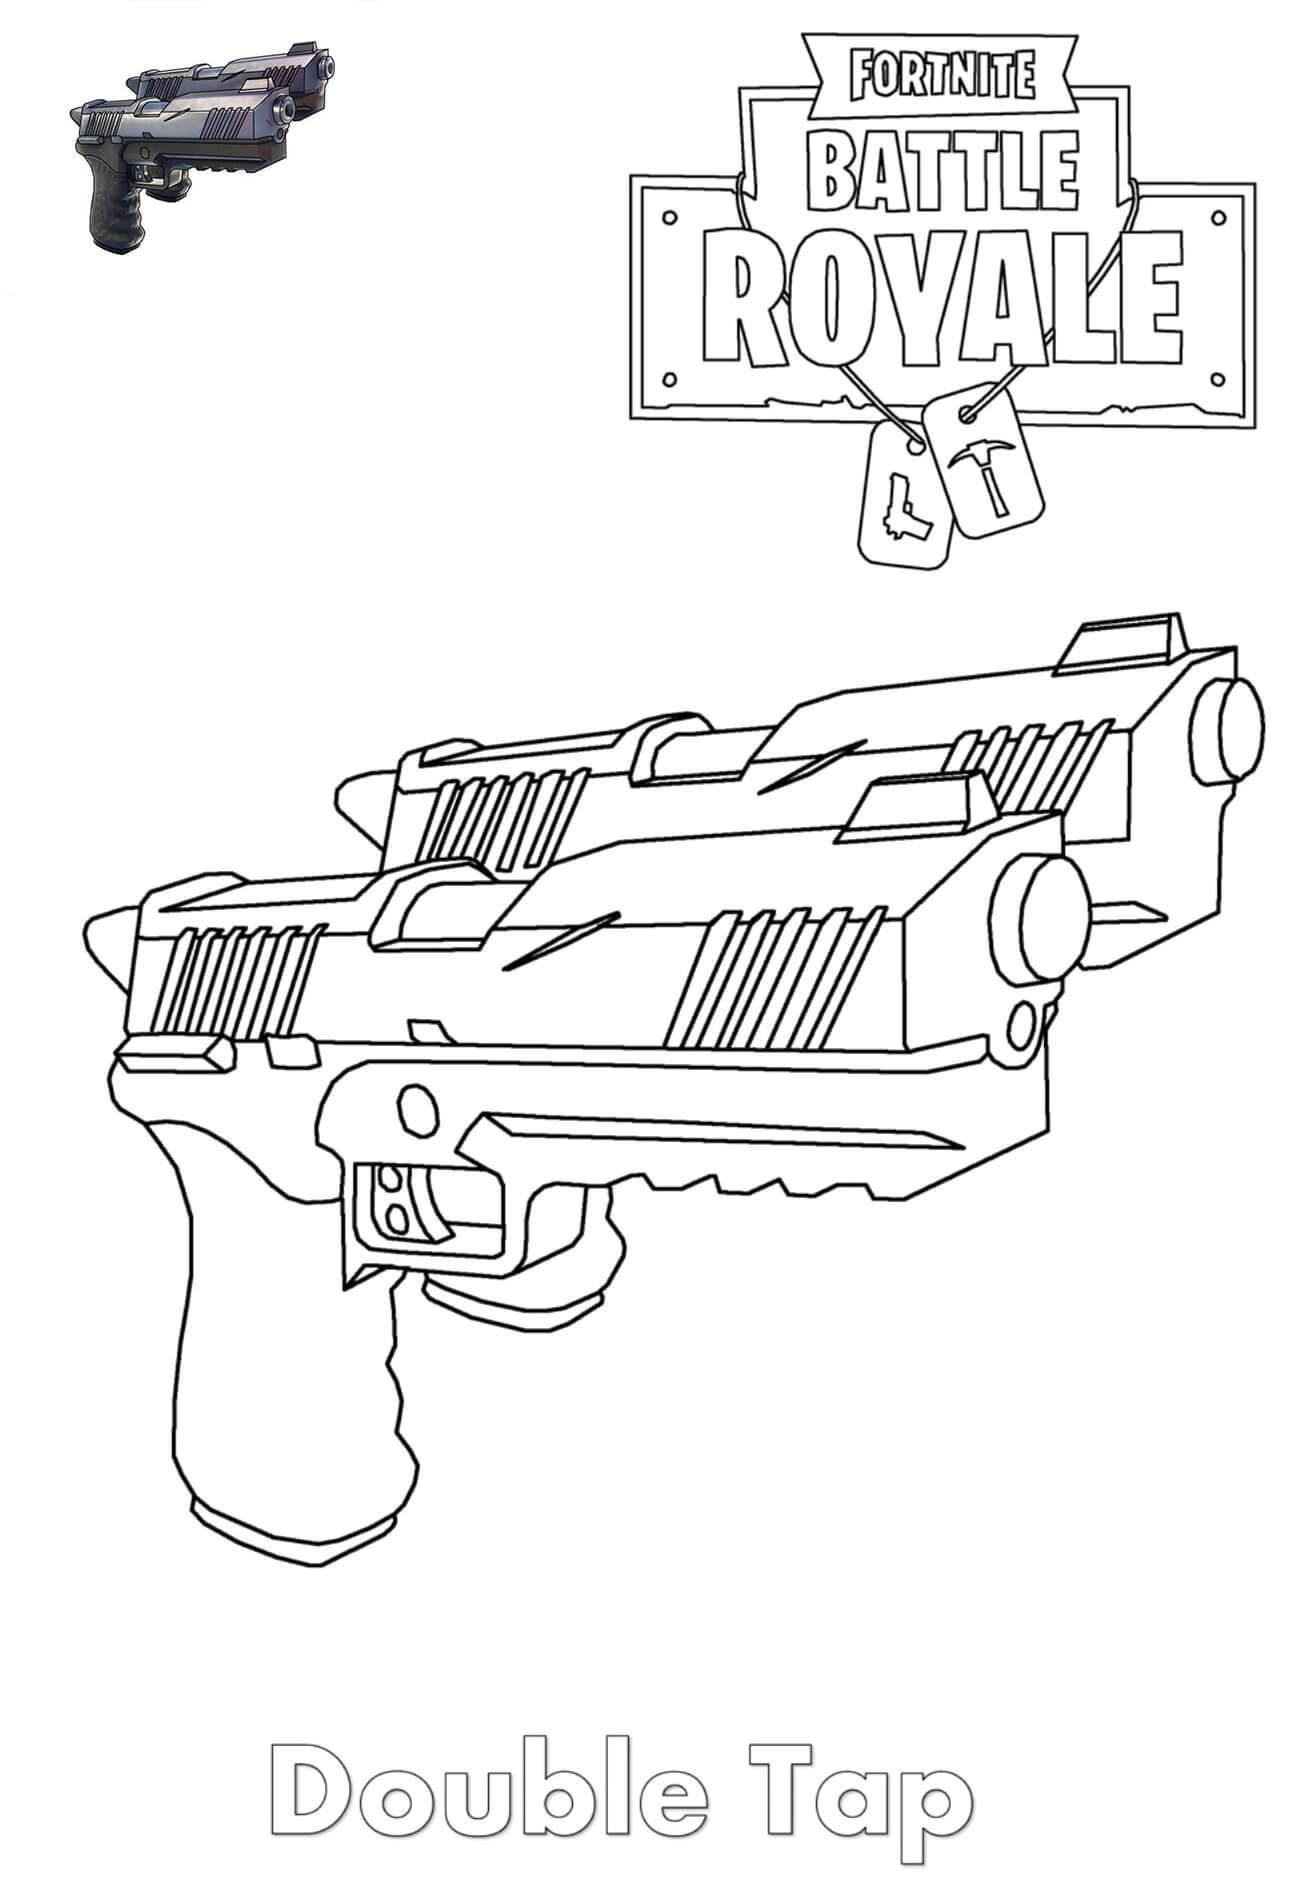 розмальовка Подвійні пістолети